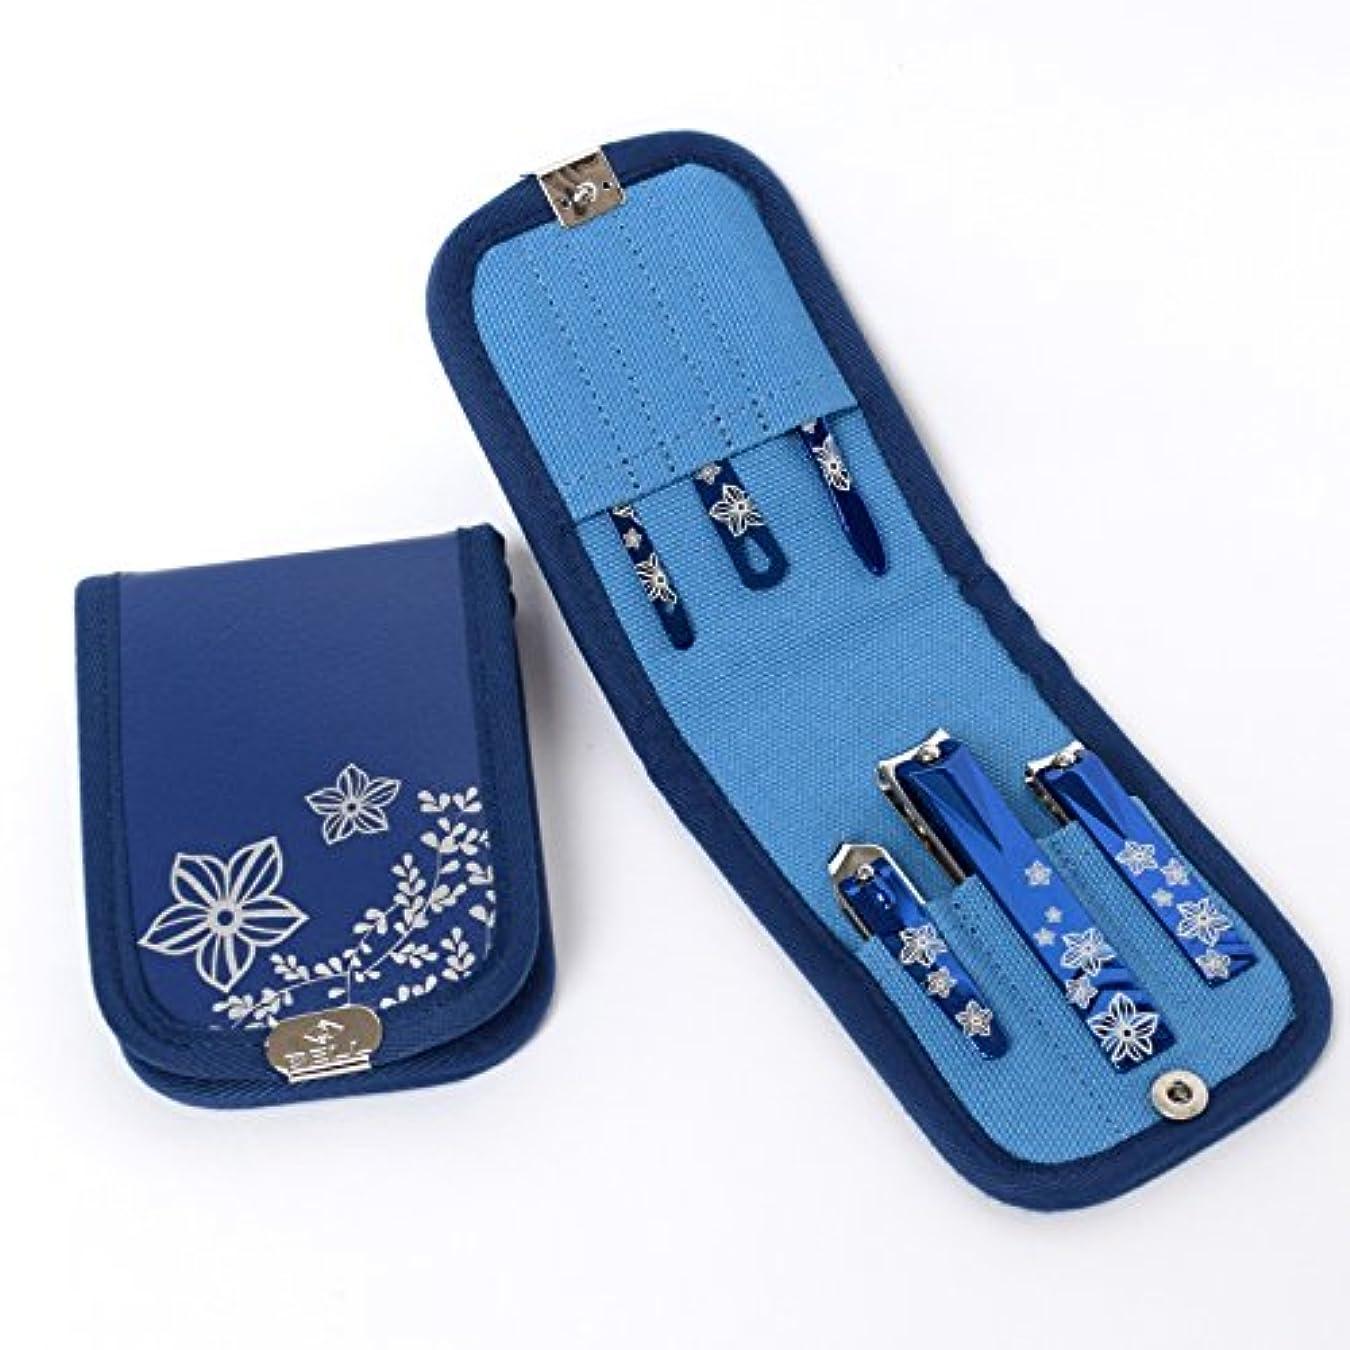 ホステスロケット香港BELL Manicure Sets BM-360 ポータブル爪の管理セット 爪切りセット 高品質のネイルケアセット高級感のある東洋画のデザイン Portable Nail Clippers Nail Care Set